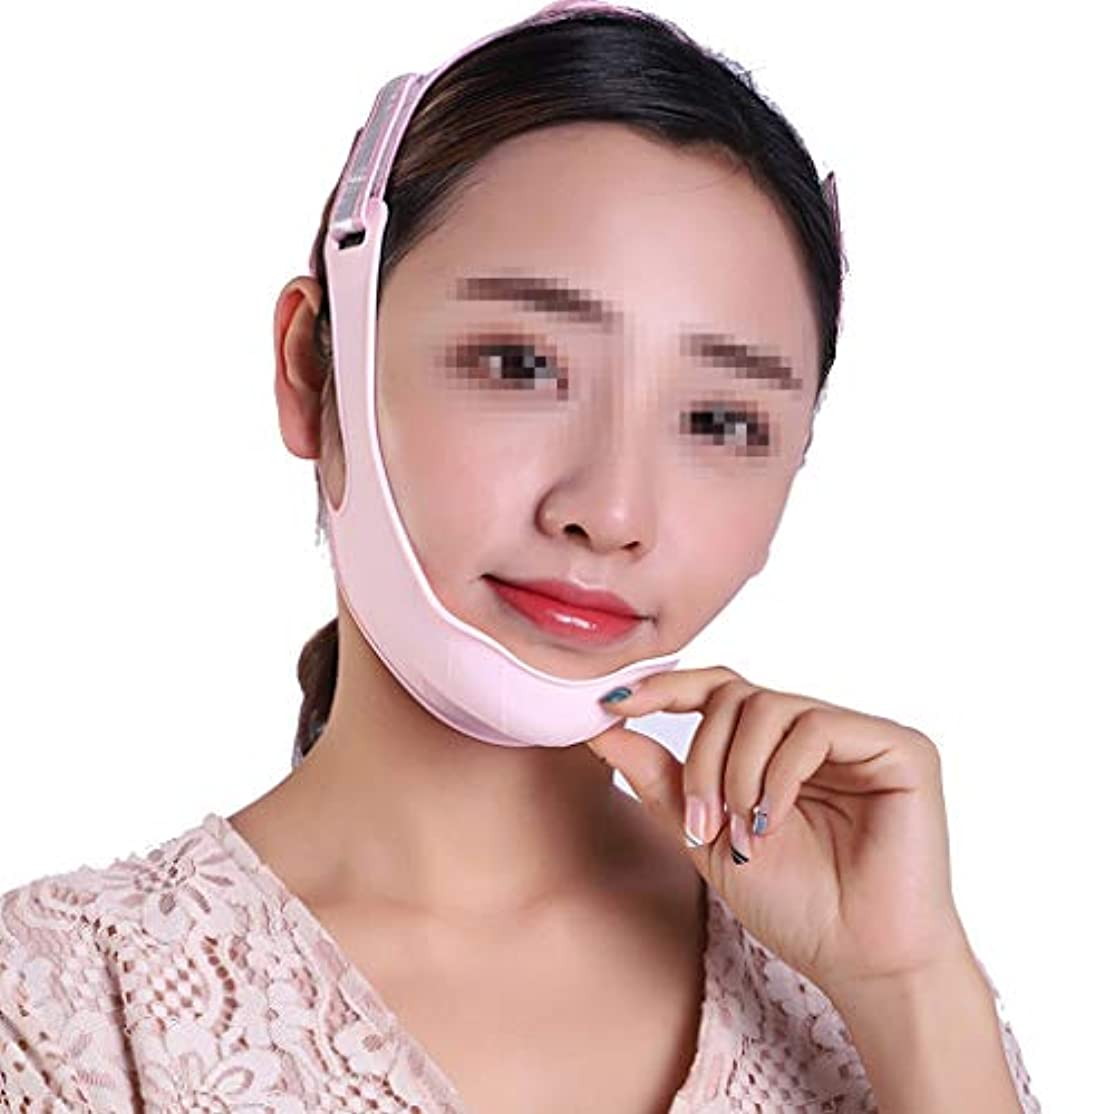 わな性能多様性シリコーンフェイスマスク、小さなv顔薄い顔包帯持ち上がる顔引き締めアーティファクトマッサージ師スキニーフェイス美容バー